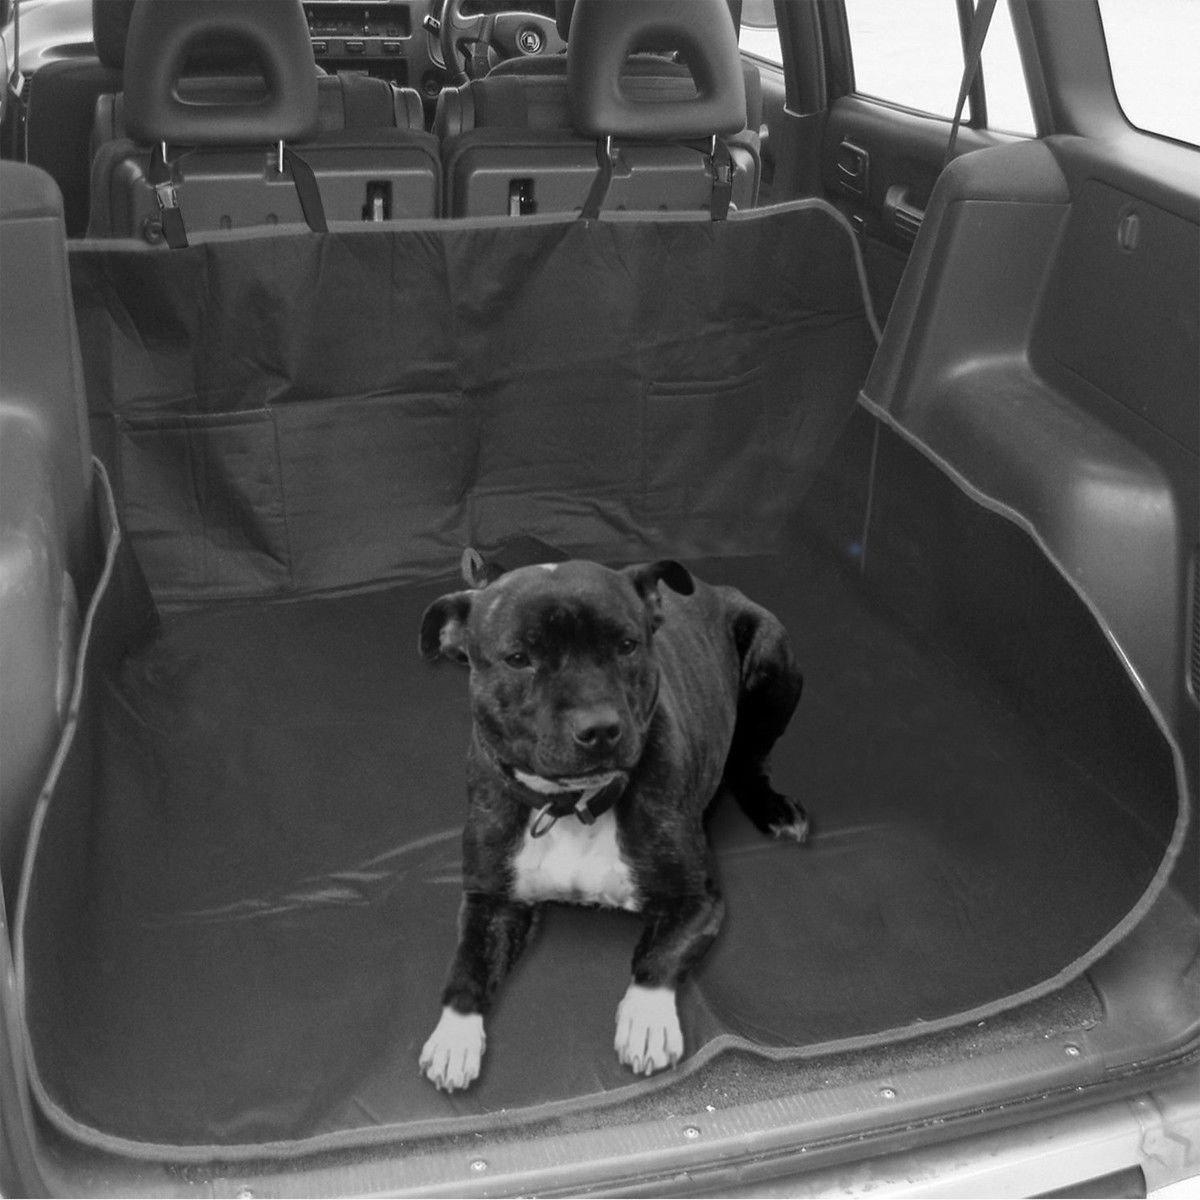 Heavy Duty, impermeabile universale 2-in-1 per bagagliaio per-Protezione per sedile posteriore auto, per cani e gatti-Amaca MTS